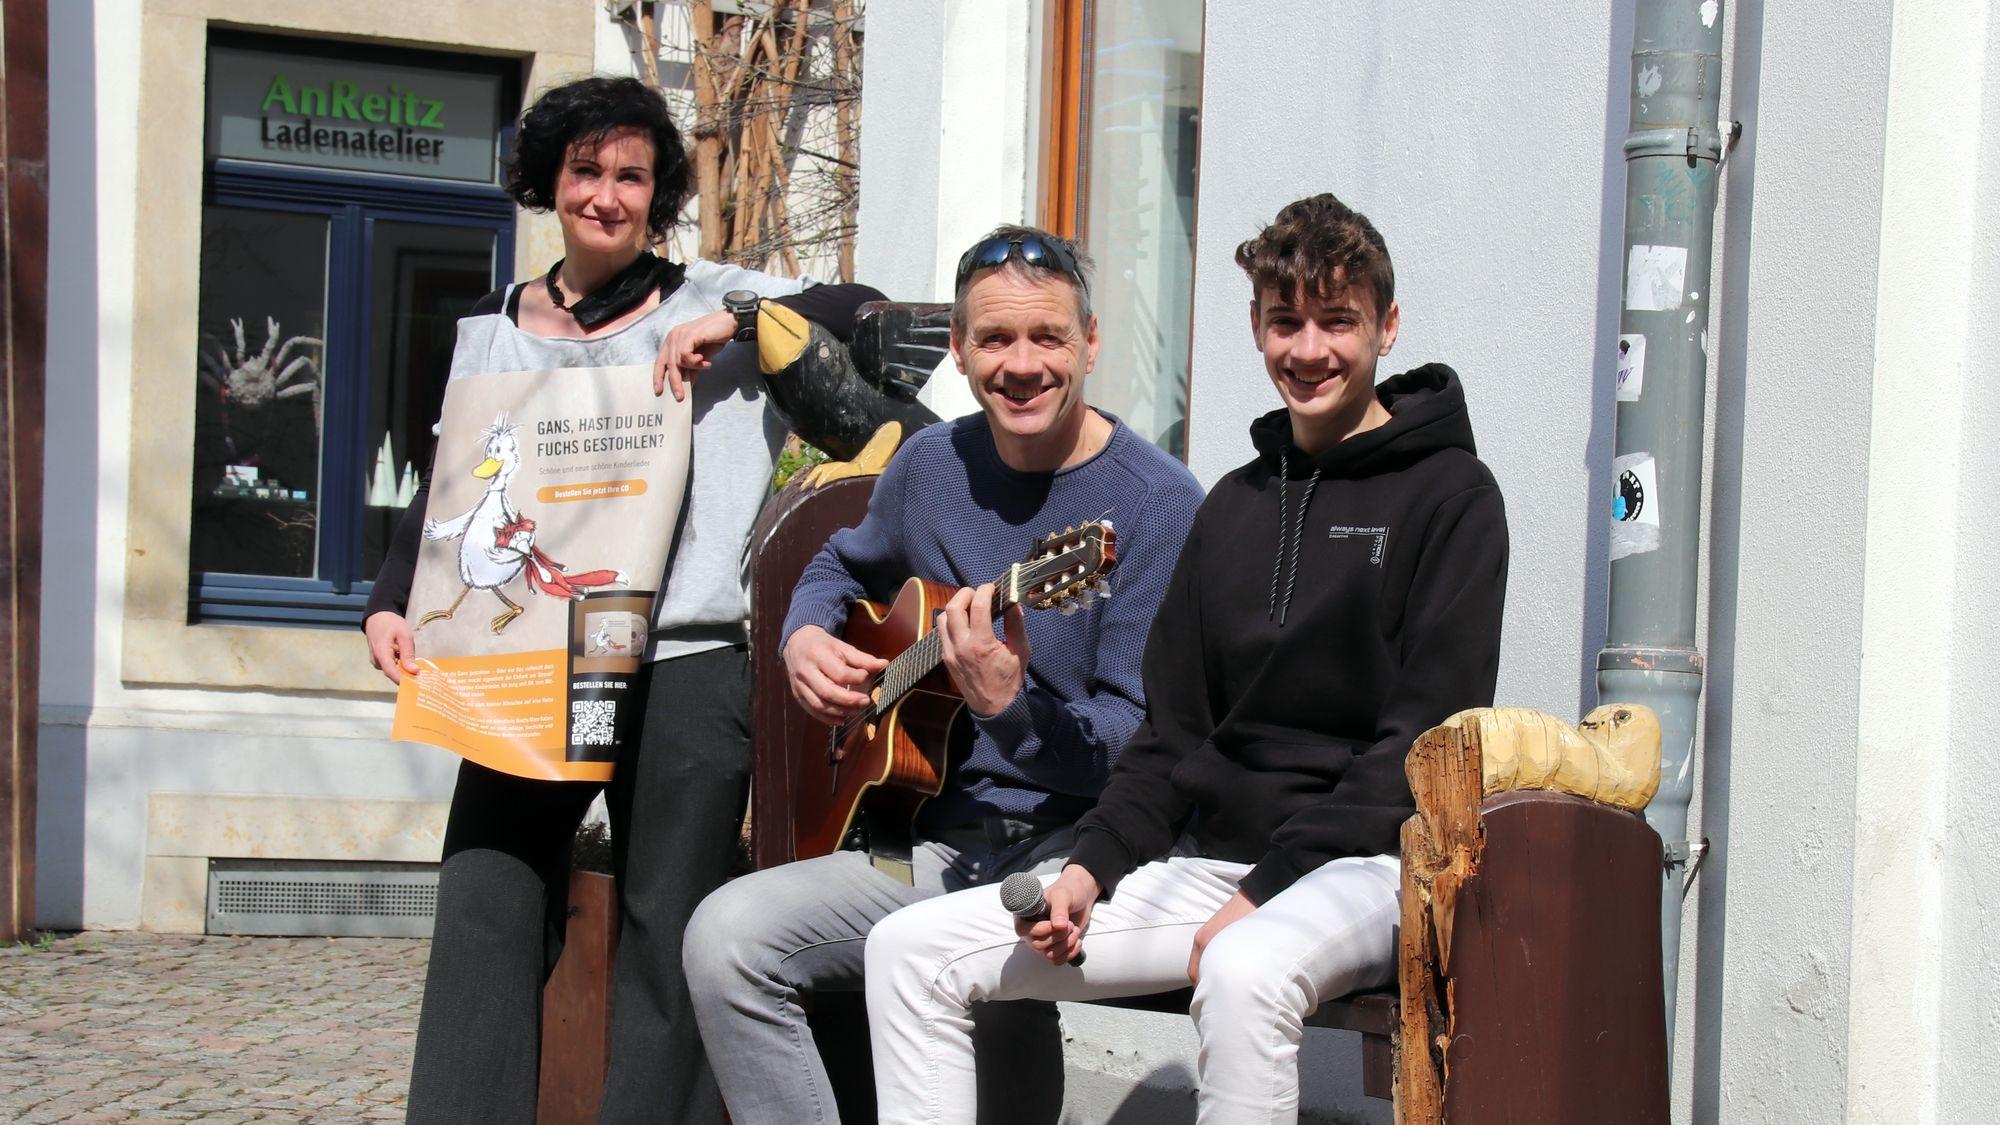 Zeichnerin Anette Maro, Musiker Uwe und Aenaes Fink (v.l.)